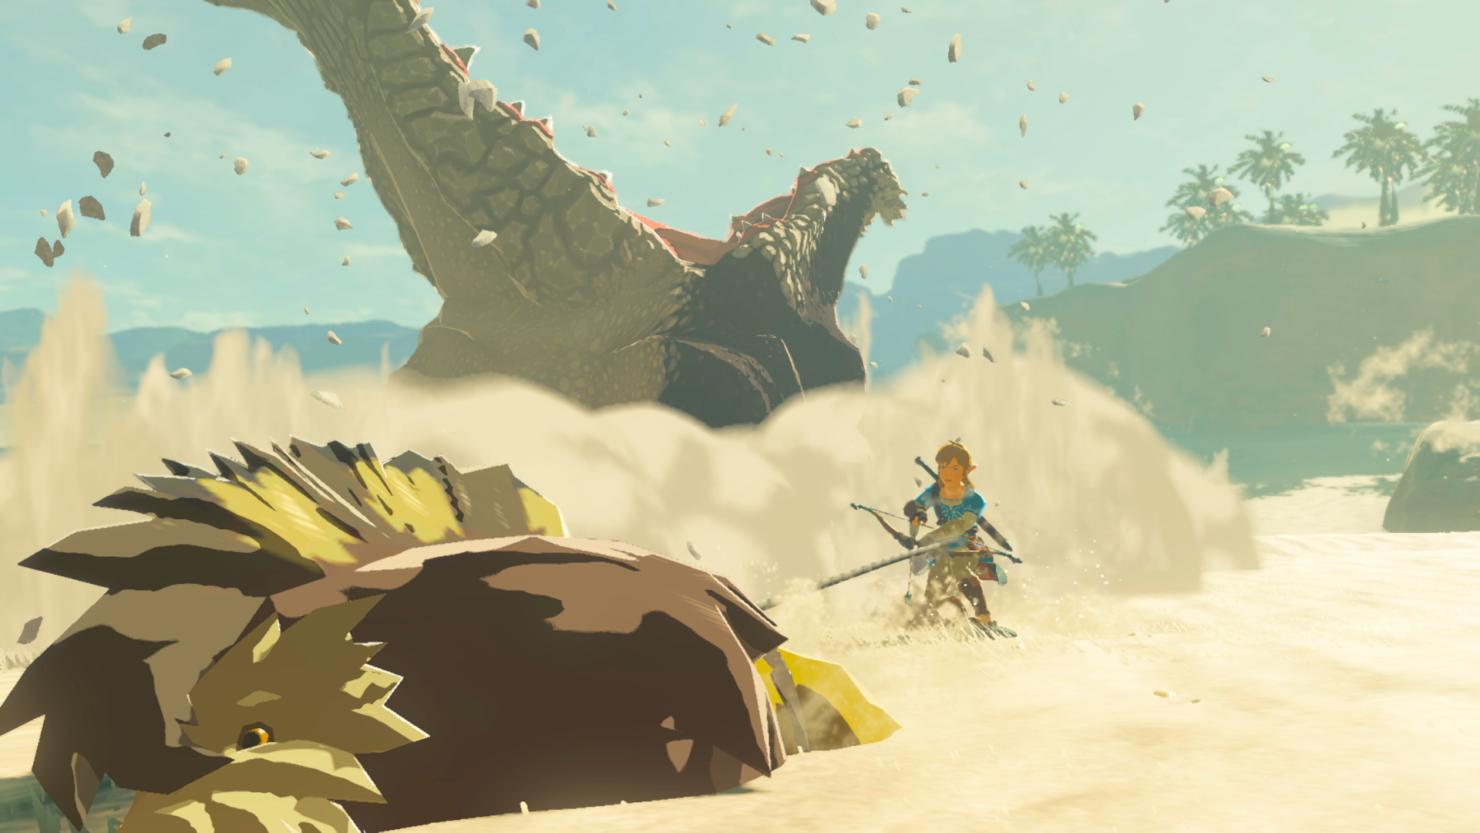 Zelda Breath of the Wild screenshots7